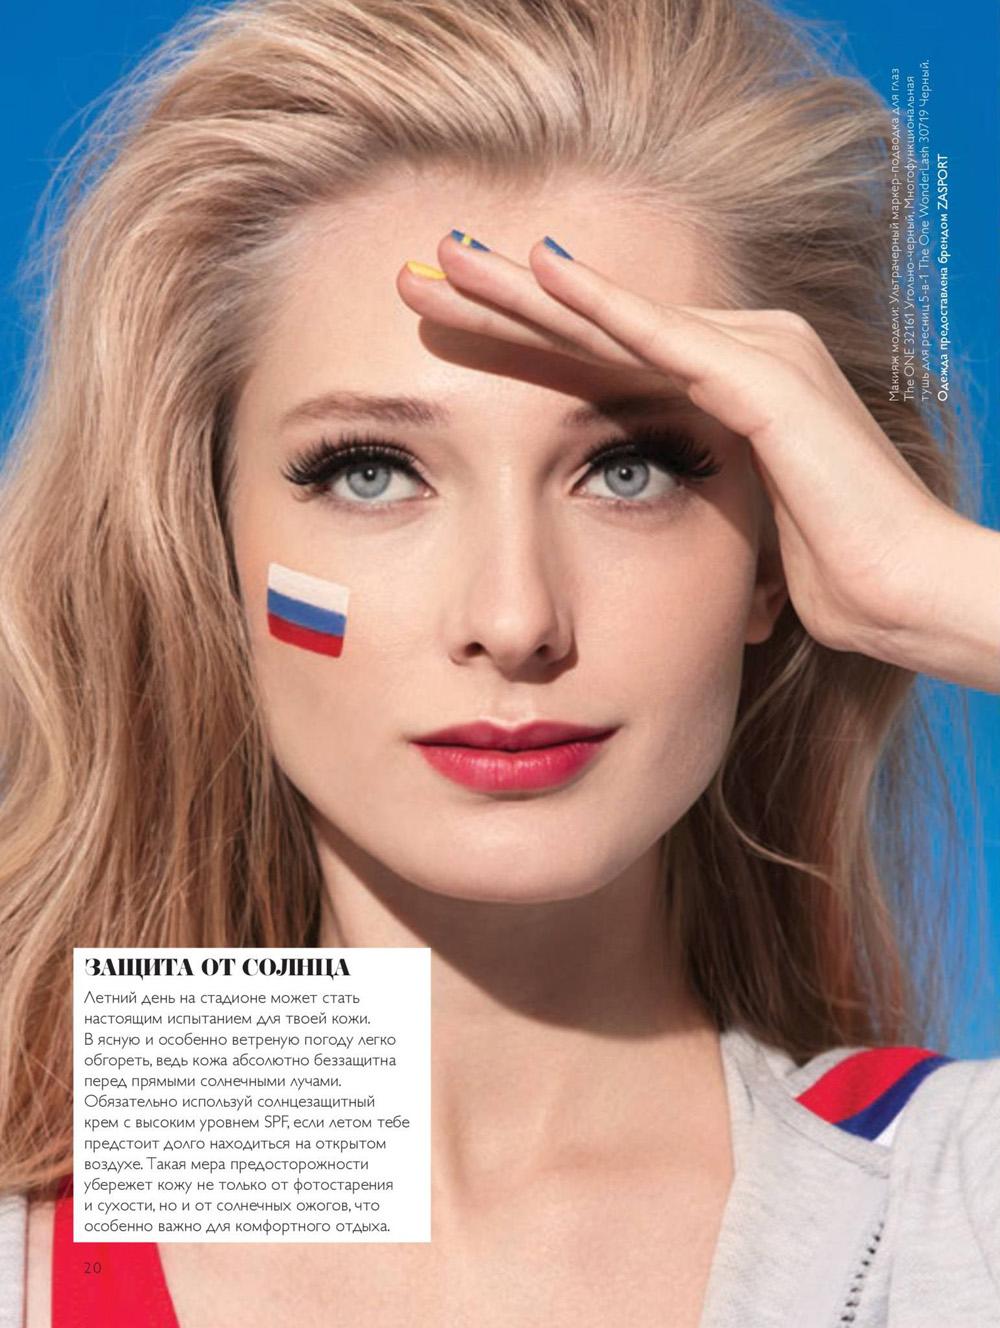 Старица 20, книга красоты Орифлейм Лето 2018, Россия